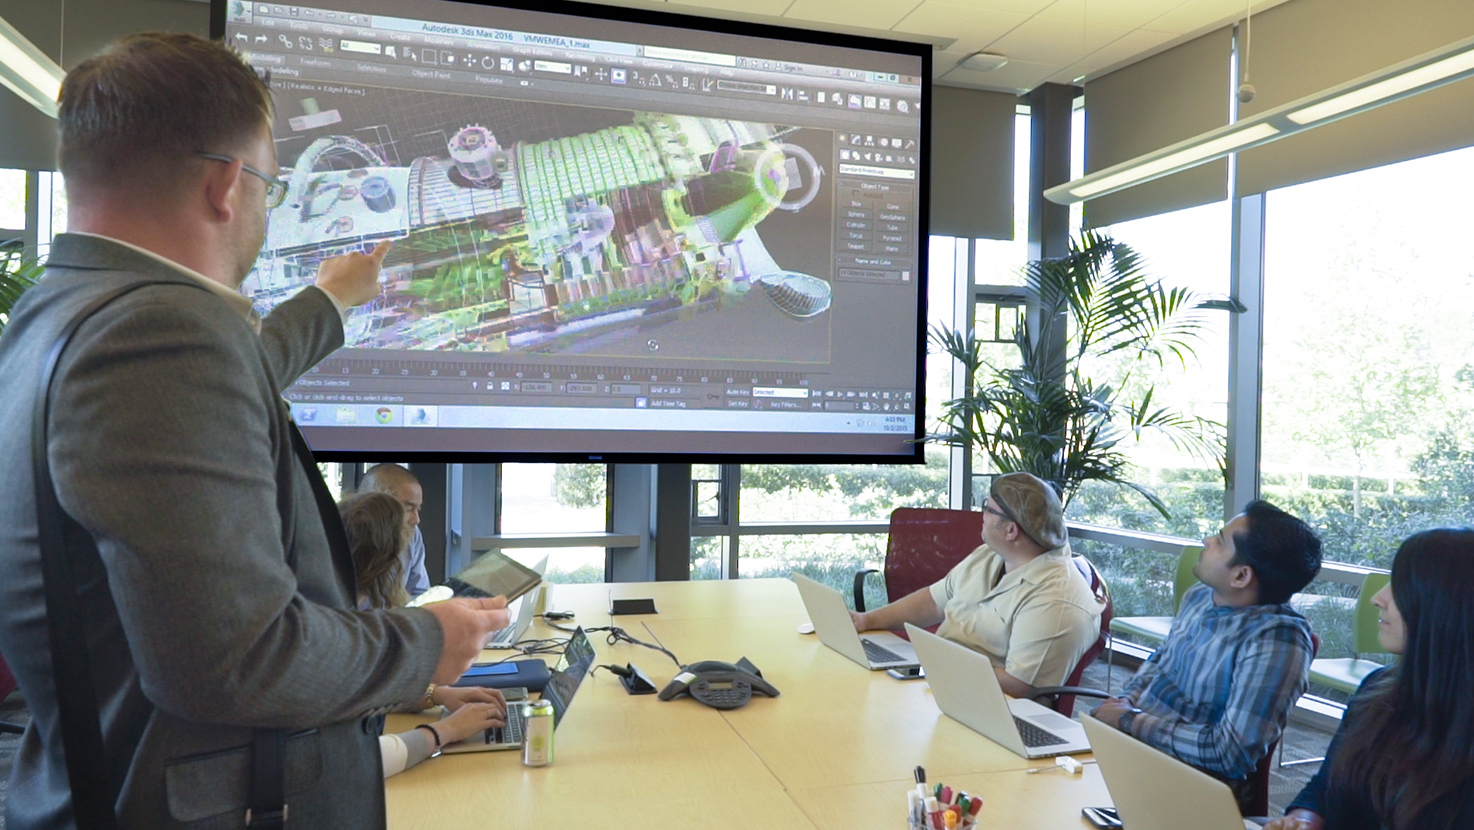 Professional Manufacturing Design Solutions Nvidia Quadro